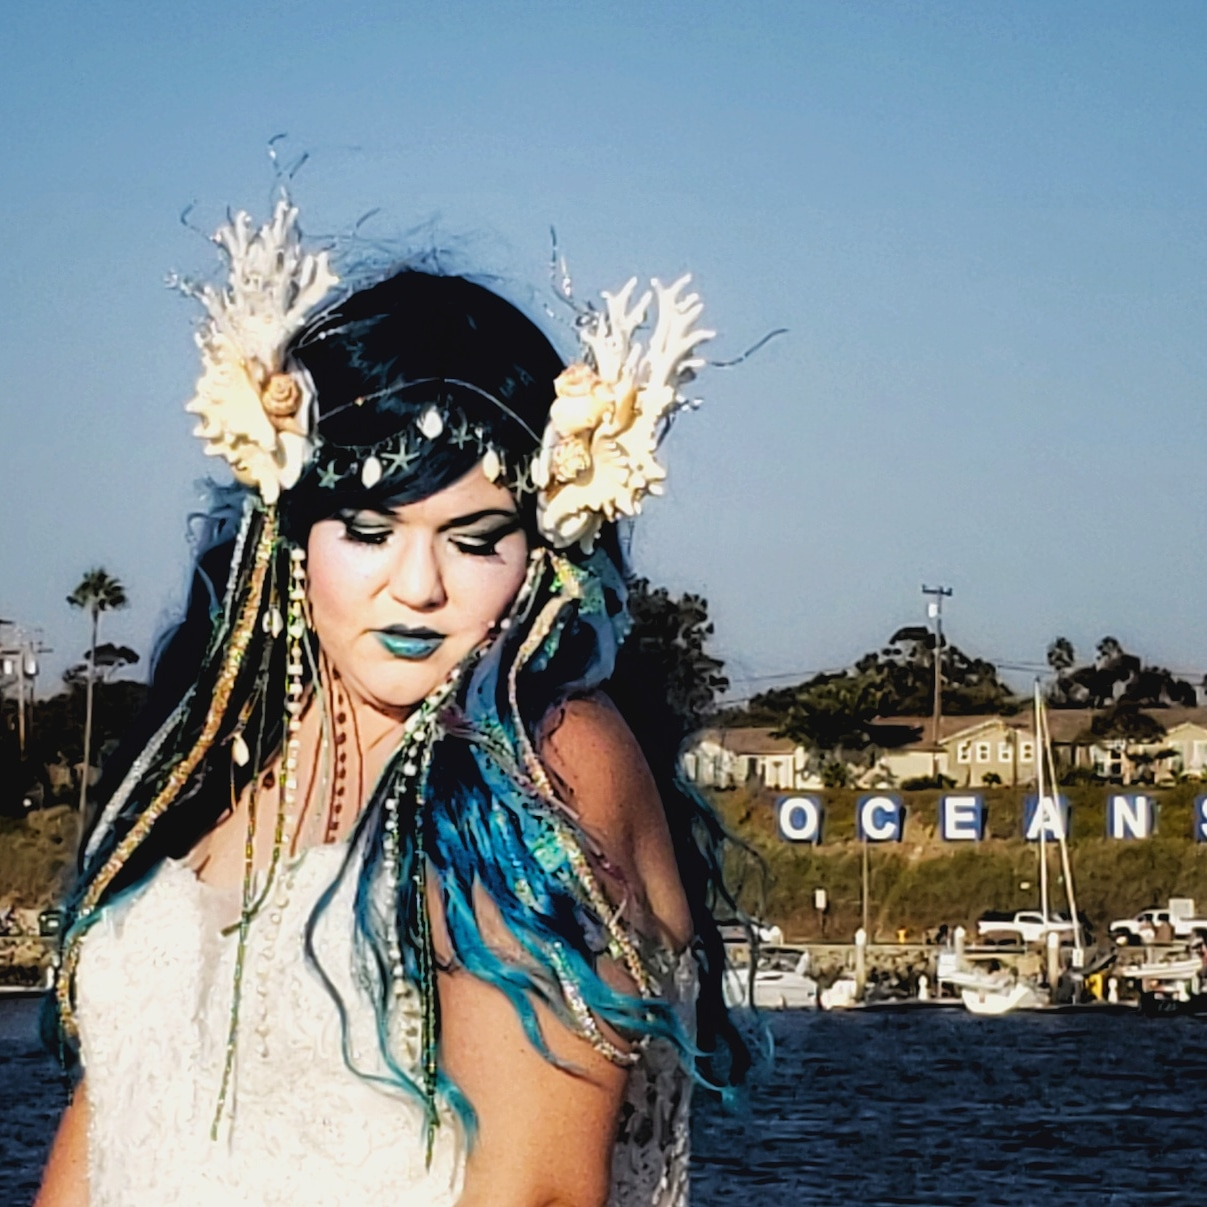 Celeste Barbier - Oceanside